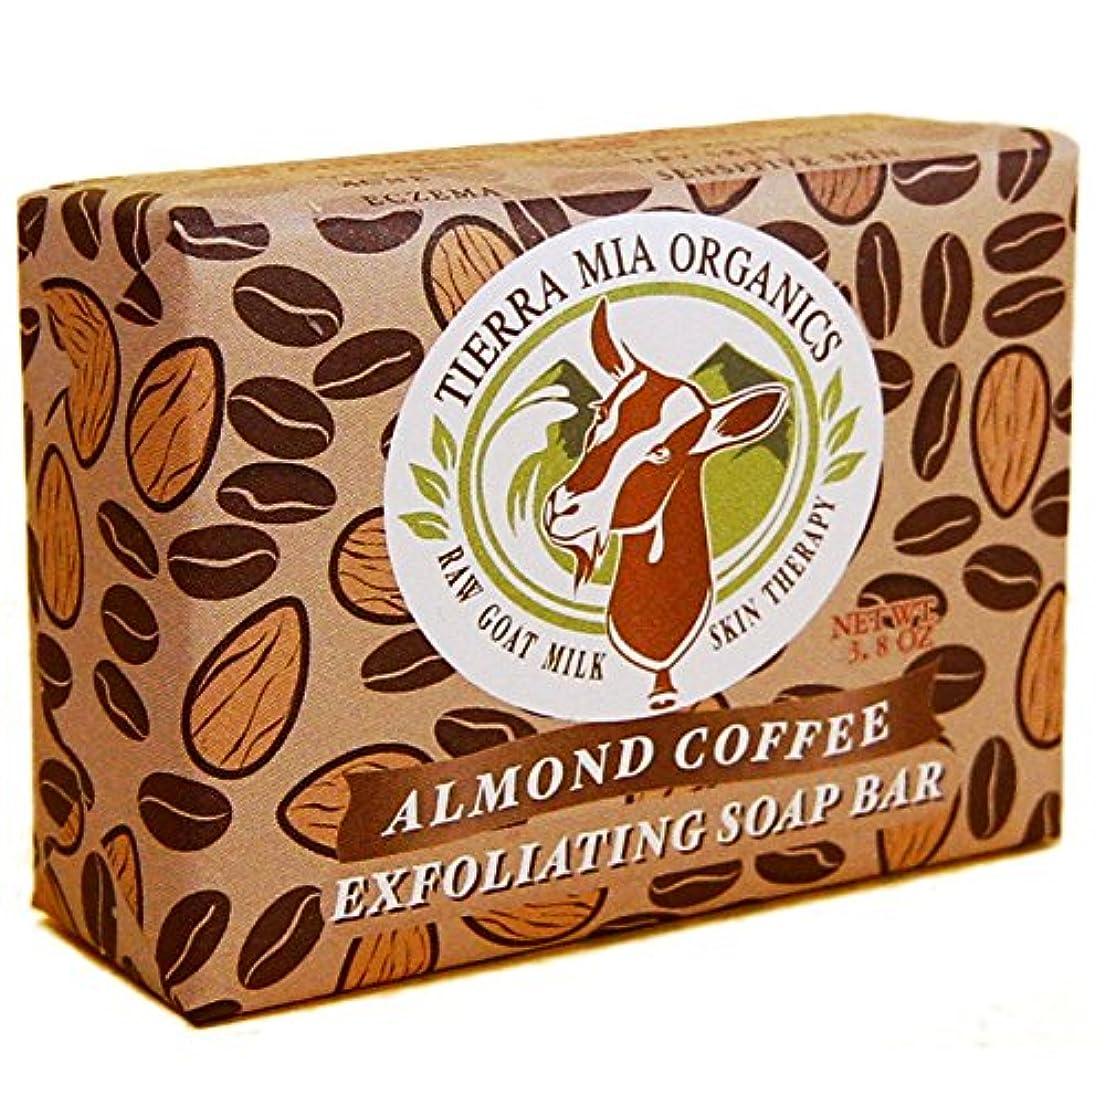 回転する自分の秘書Tierra Mia Organics, Raw Goat Milk Skin Therapy, Exfoliating Soap Bar, Almond Coffee, 3.8 oz